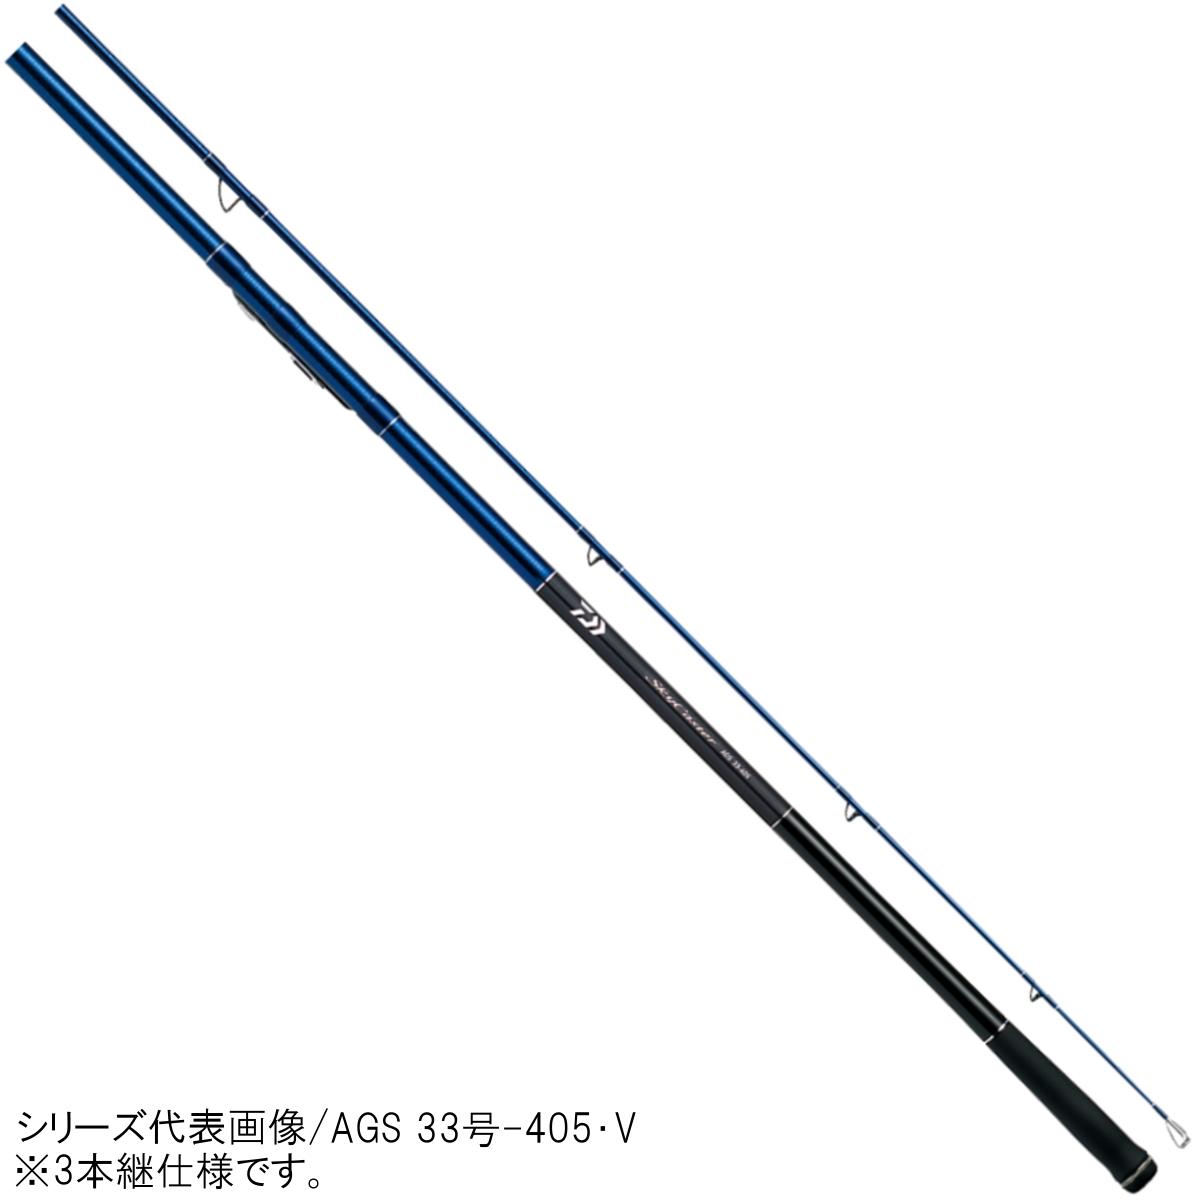 ダイワ スカイキャスター AGS 27号-385・V【大型商品】